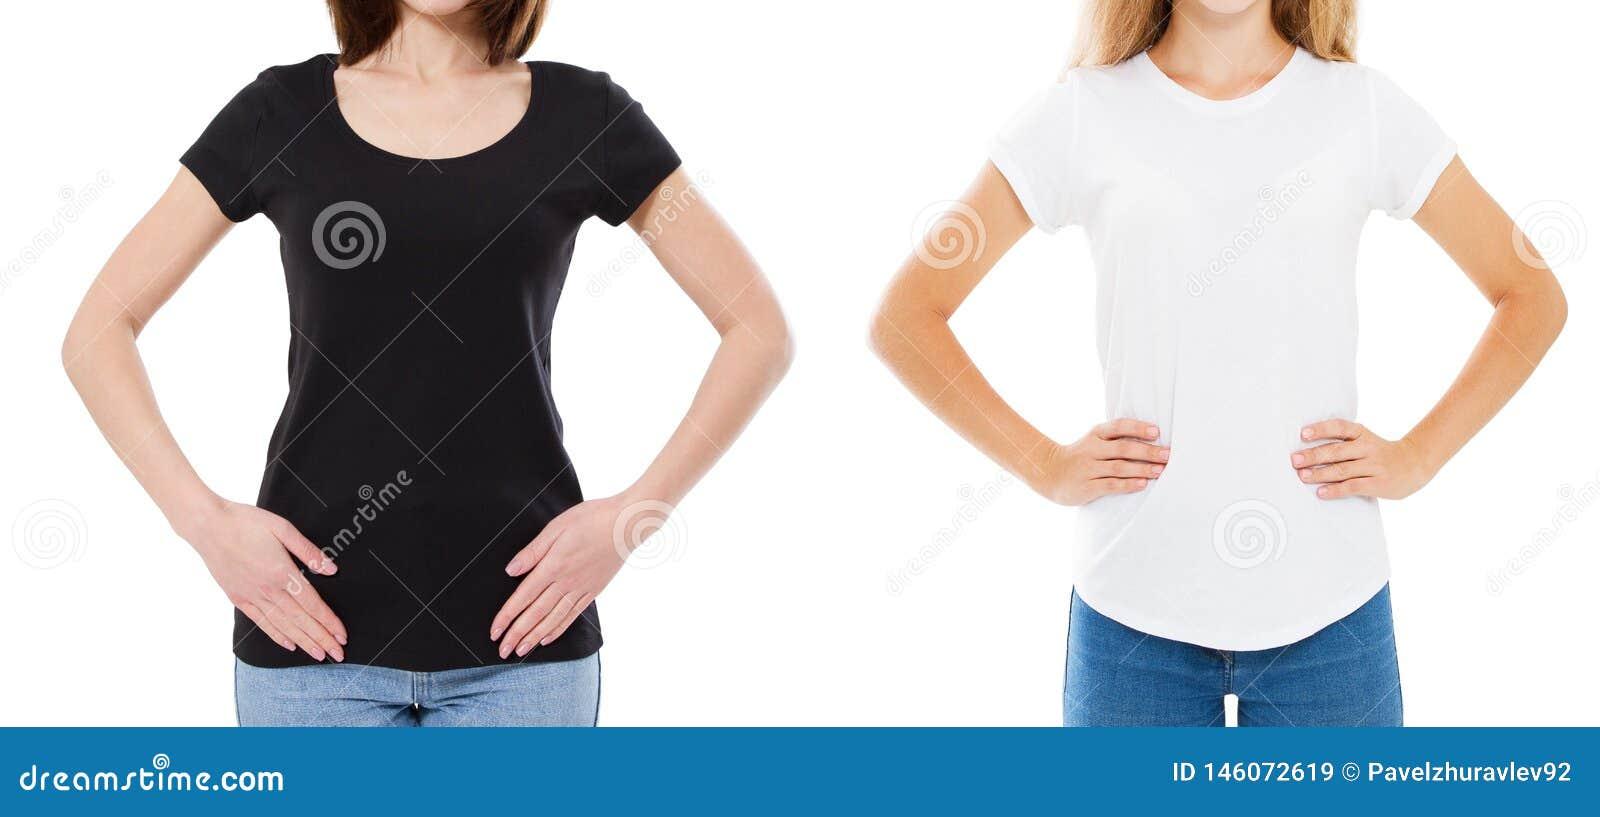 Zamyka w górę kobiety w pustej czarny i biały koszulce Egzamin pr?bny w g?r? tshirt odizolowywaj?cego na bielu Dziewczyna w elega